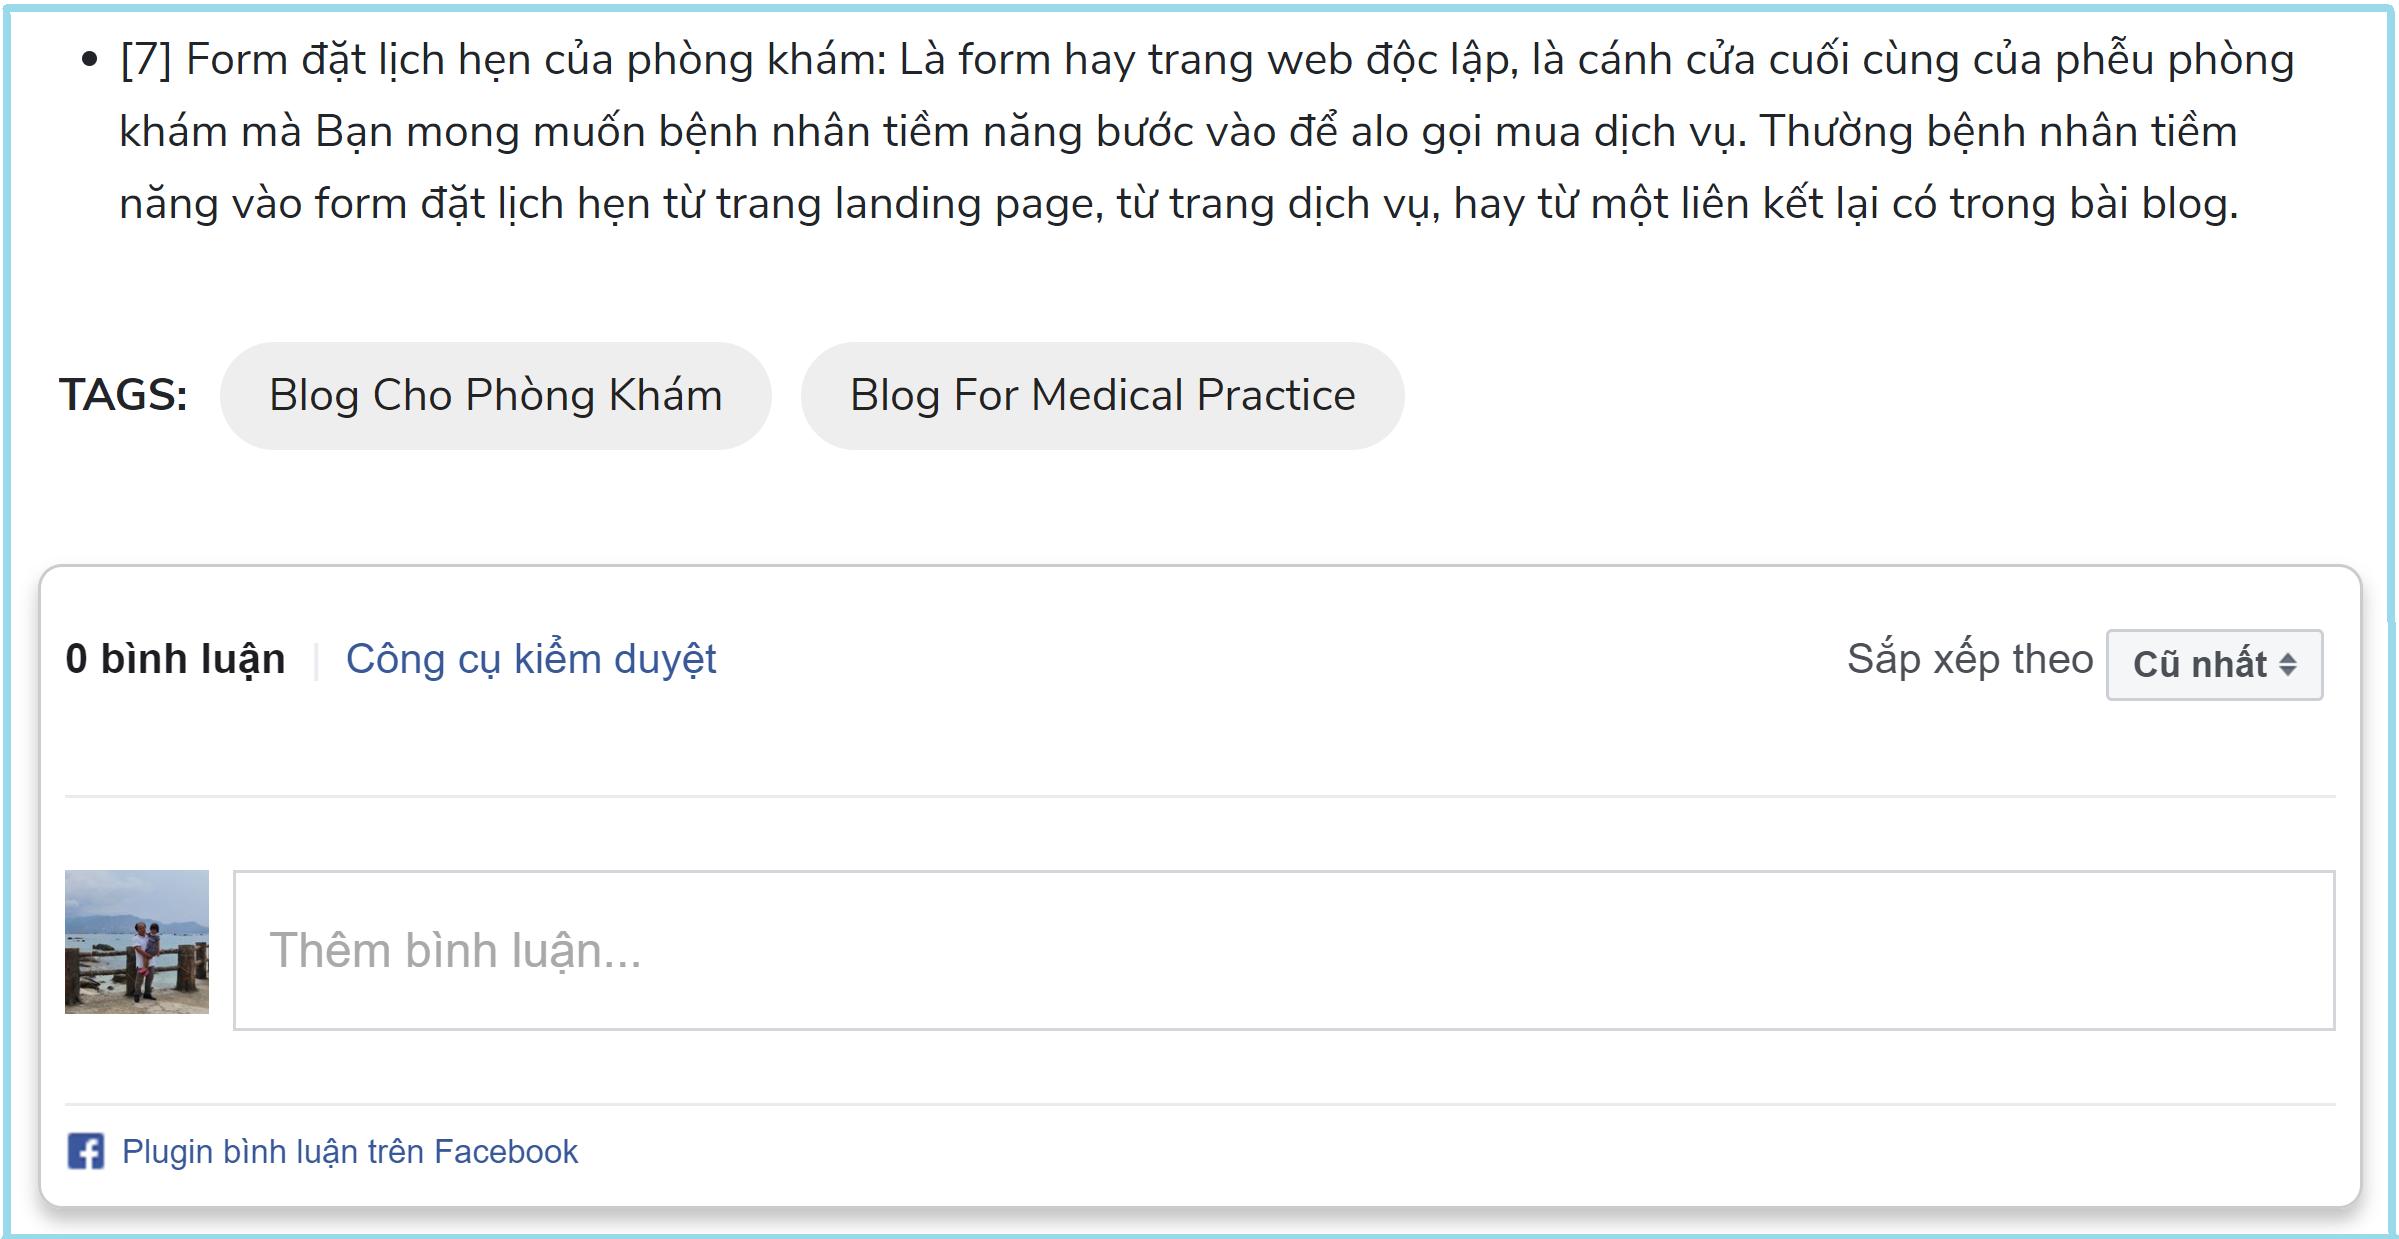 Chức năng bình luận của độc giả ở ngay cuối bài blog